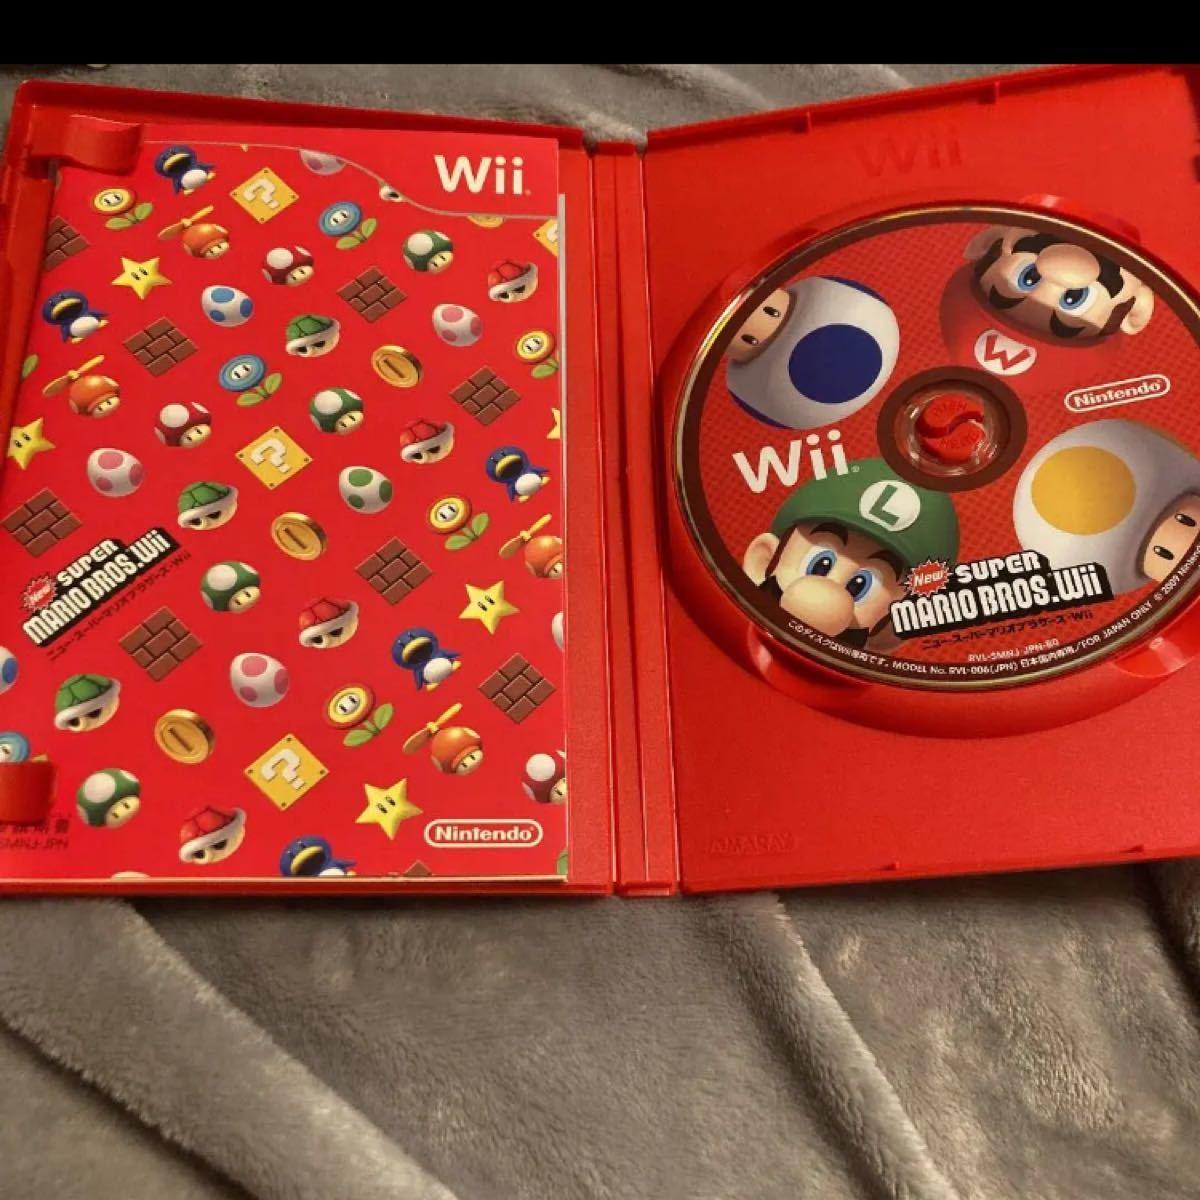 スーパーマリオブラザーズwii ニュースーパーマリオブラザーズ Wiiソフト Wii